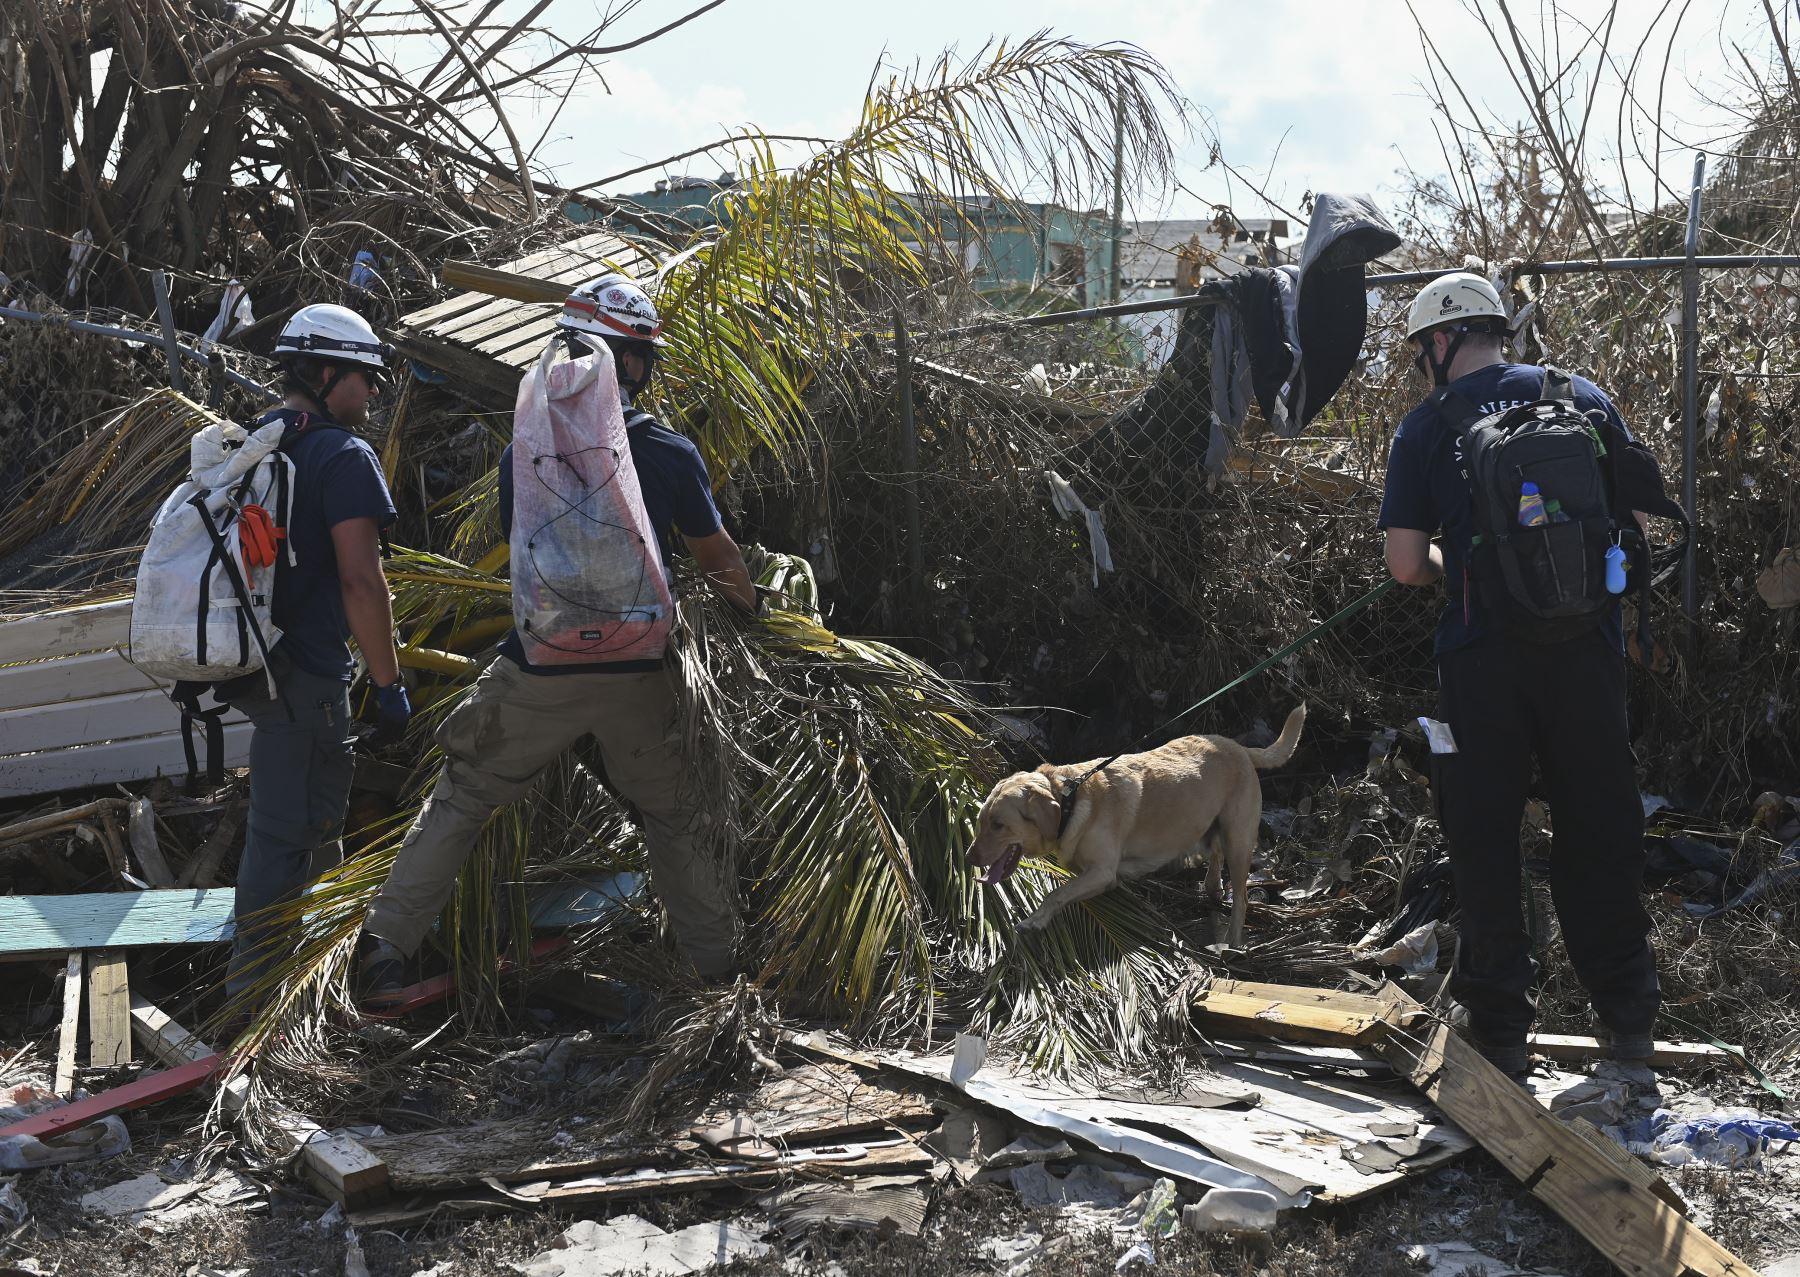 Un equipo canadiense con perros de búsqueda y rescate, buscan en los escombros en Marsh Harbour, Bahamas, una semana después del paso del huracán Dorian. Las autoridades de Bahamas han actualizado el número de muertos por el huracán Dorian y superan mas de 50 fallecidos. Foto: AFP